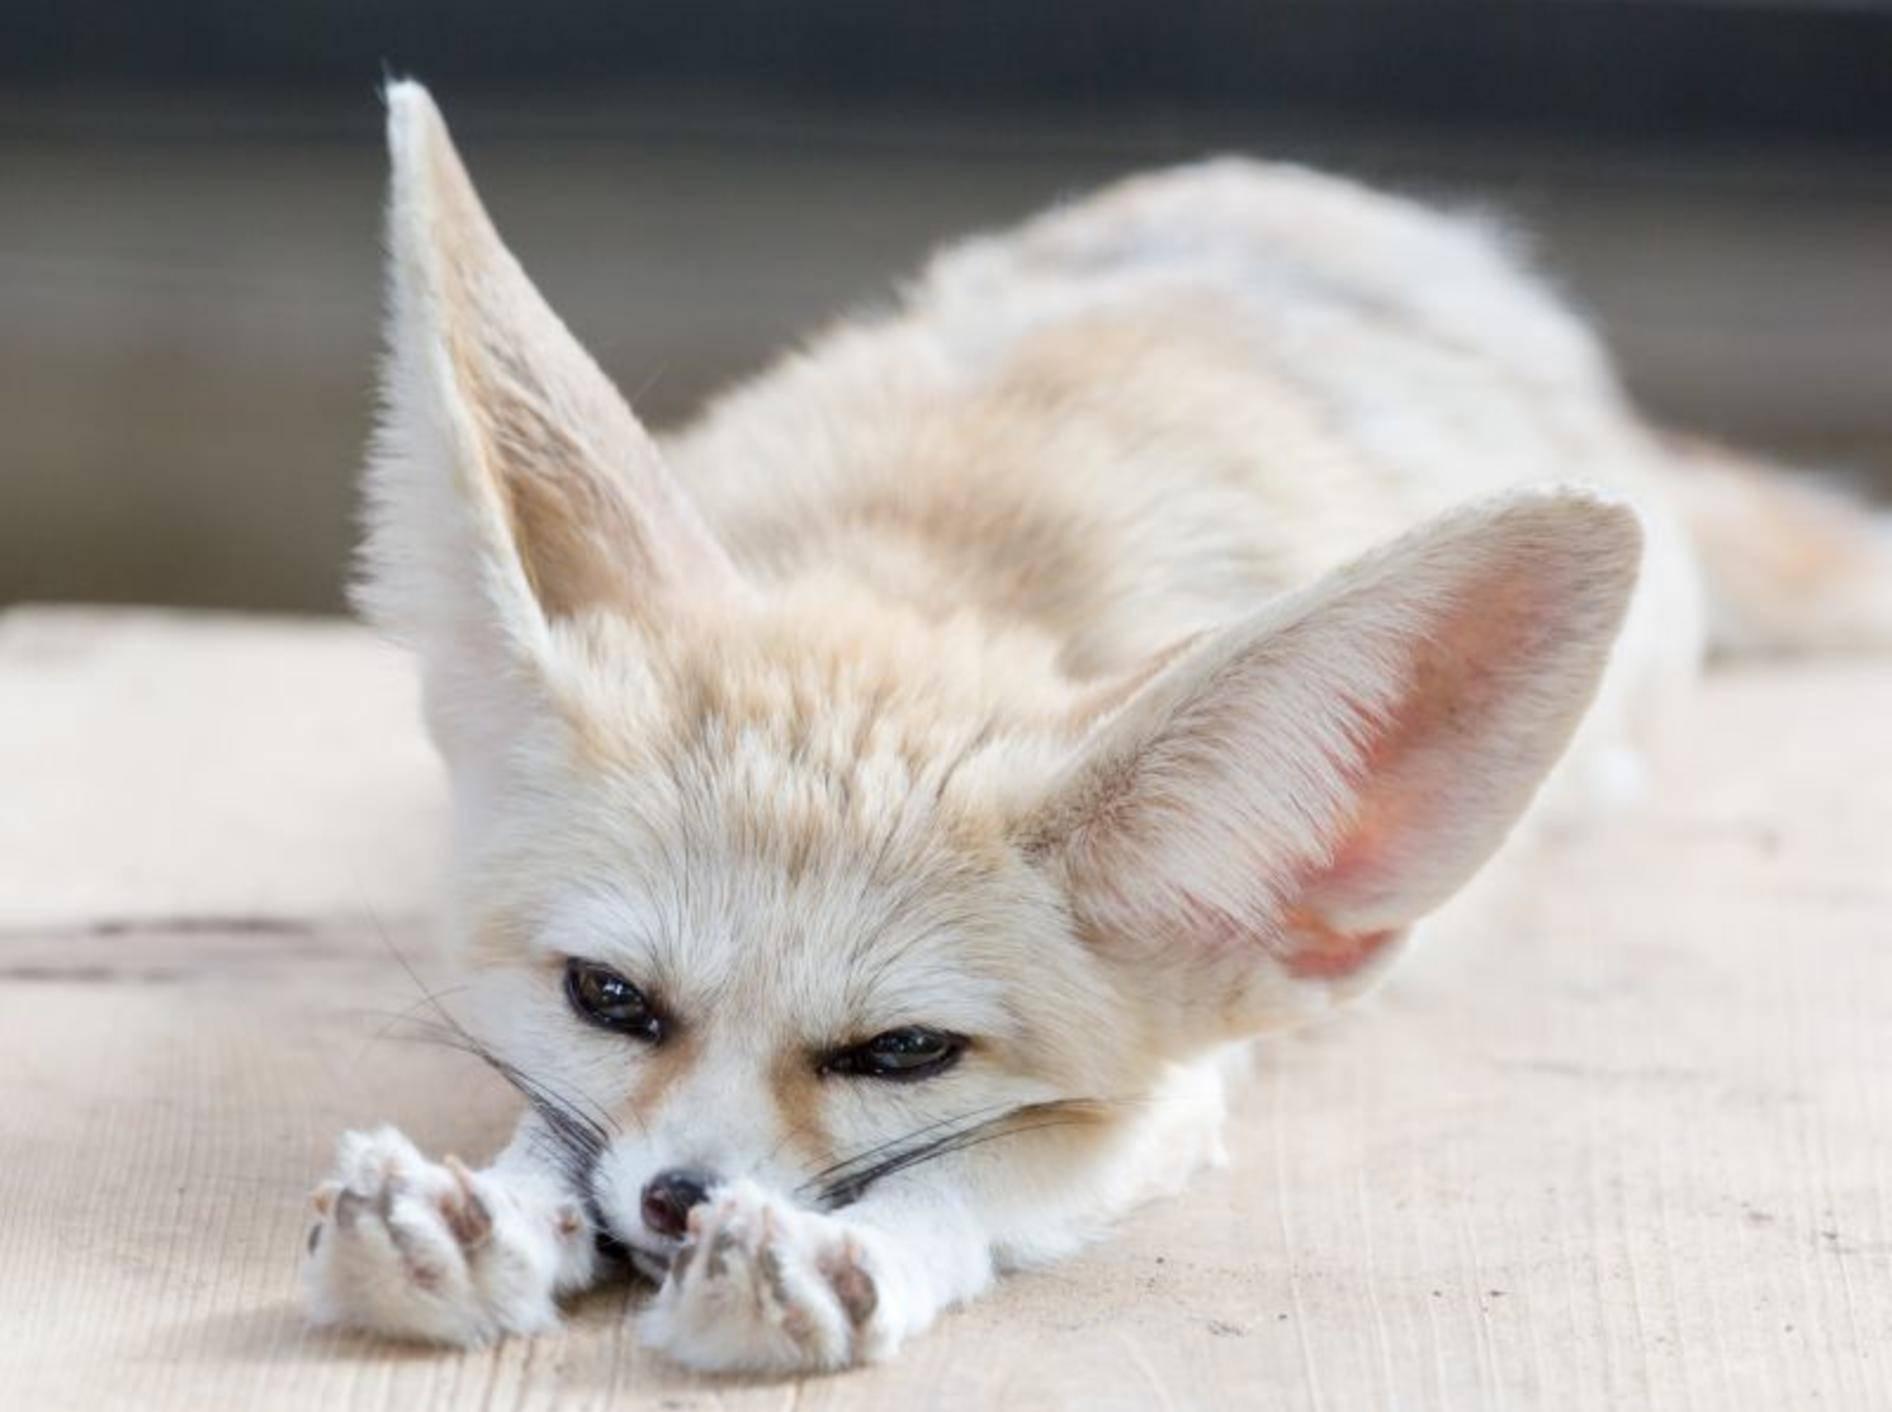 Kleinster Wildhund der Welt: Der Fennek – Bild: Shutterstock / odimup